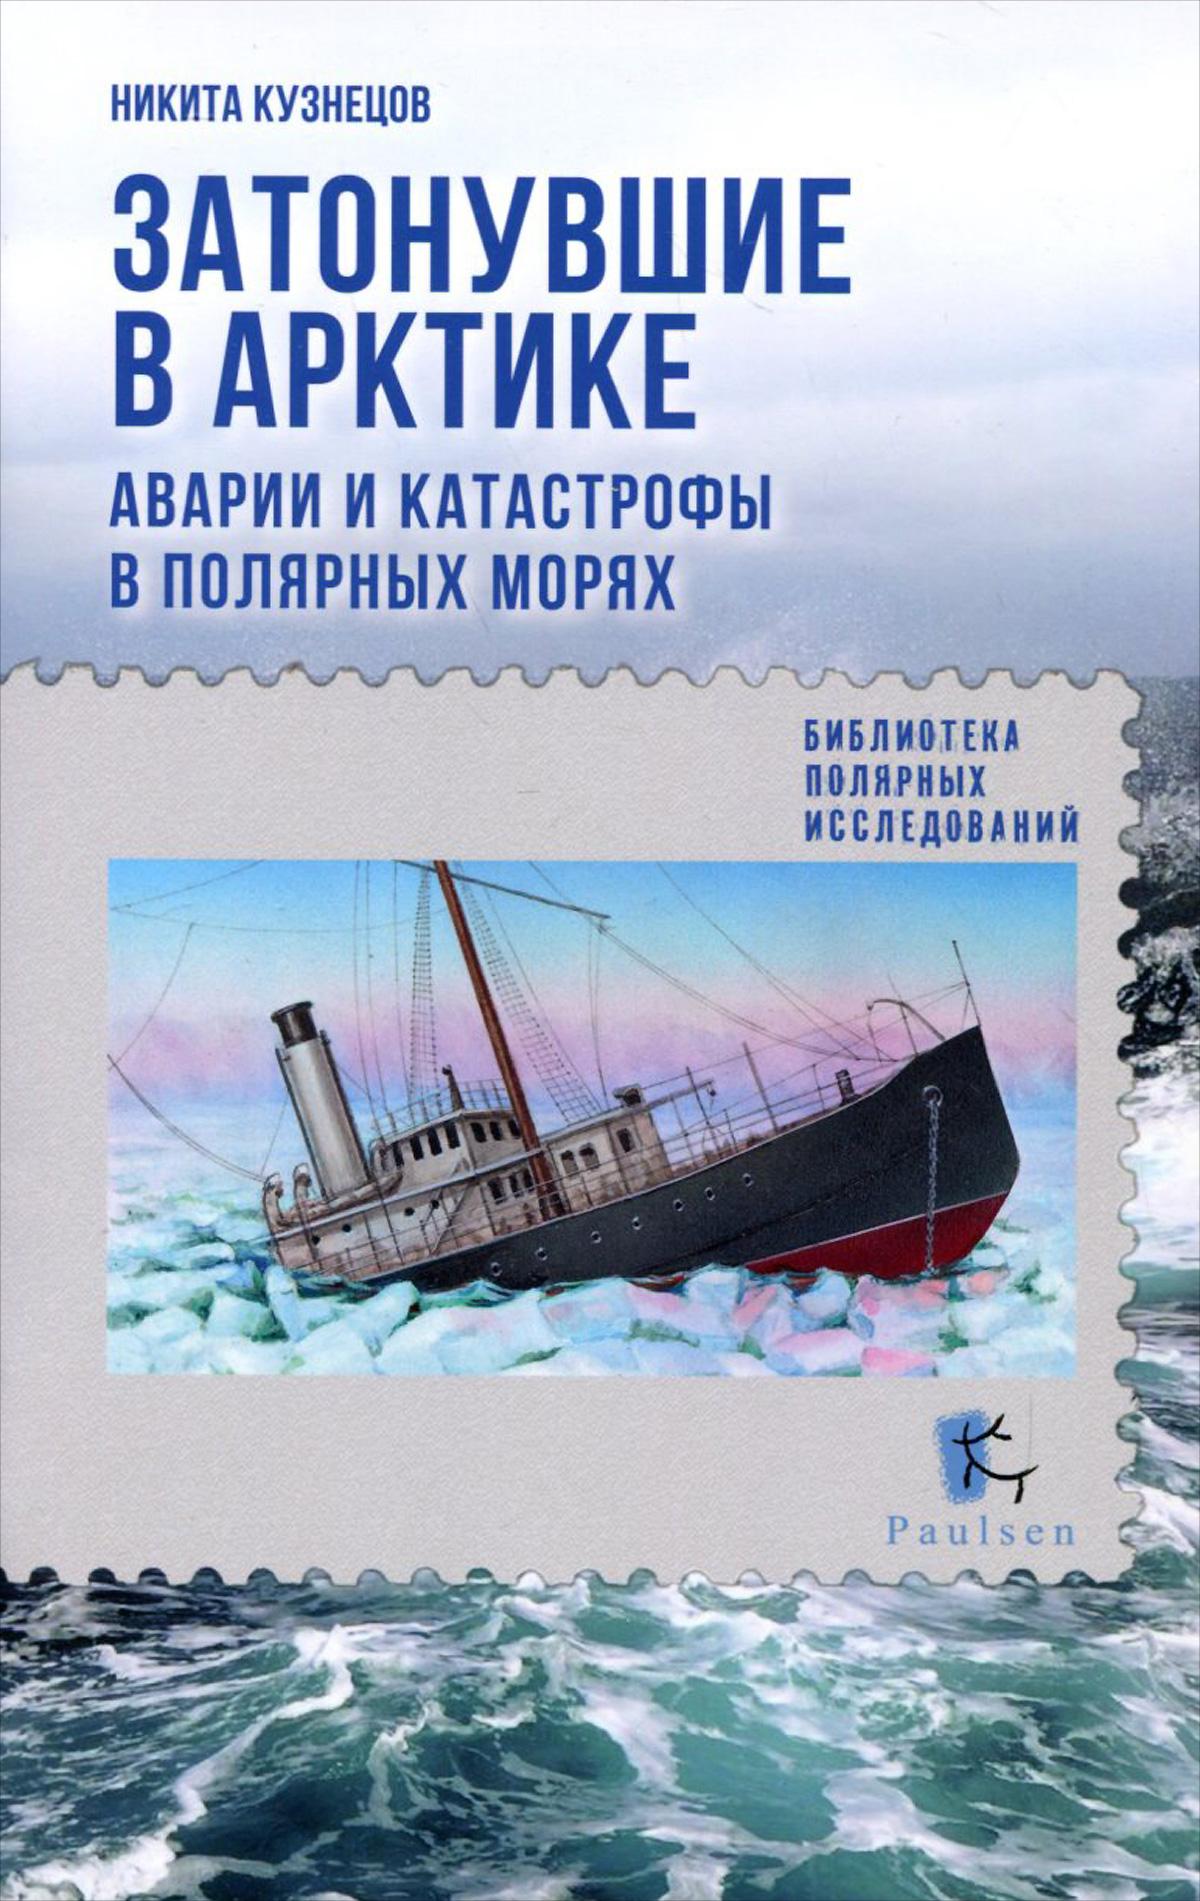 Затонувшие суда. Аварии и катастрофы в полярных морях, Никита Кузнецов